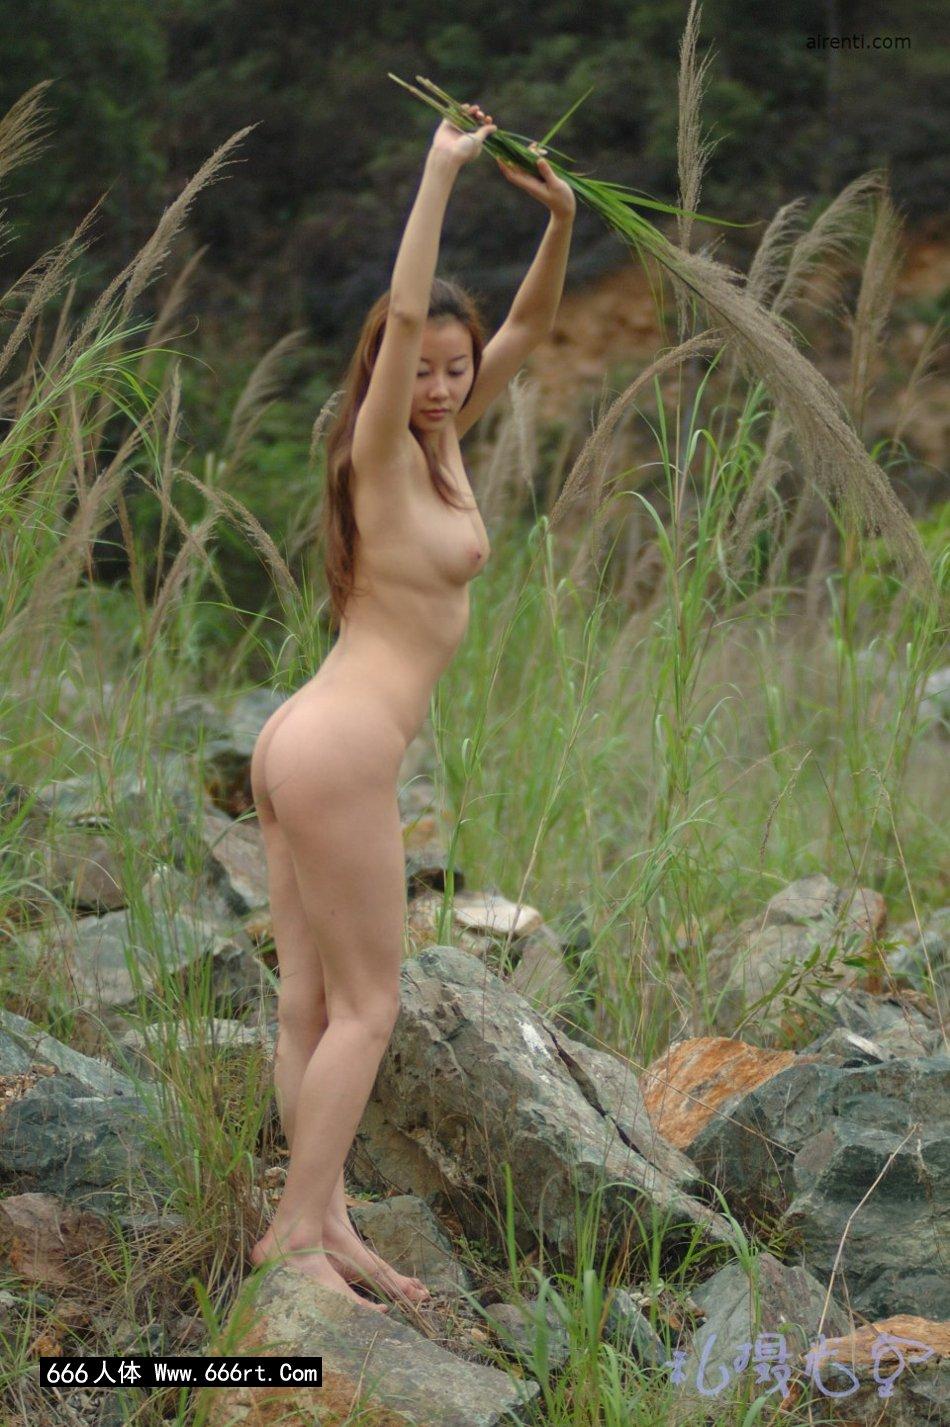 皮肤白身材好的王丹芦苇丛中外拍_西西正版中国裸体艺术美女